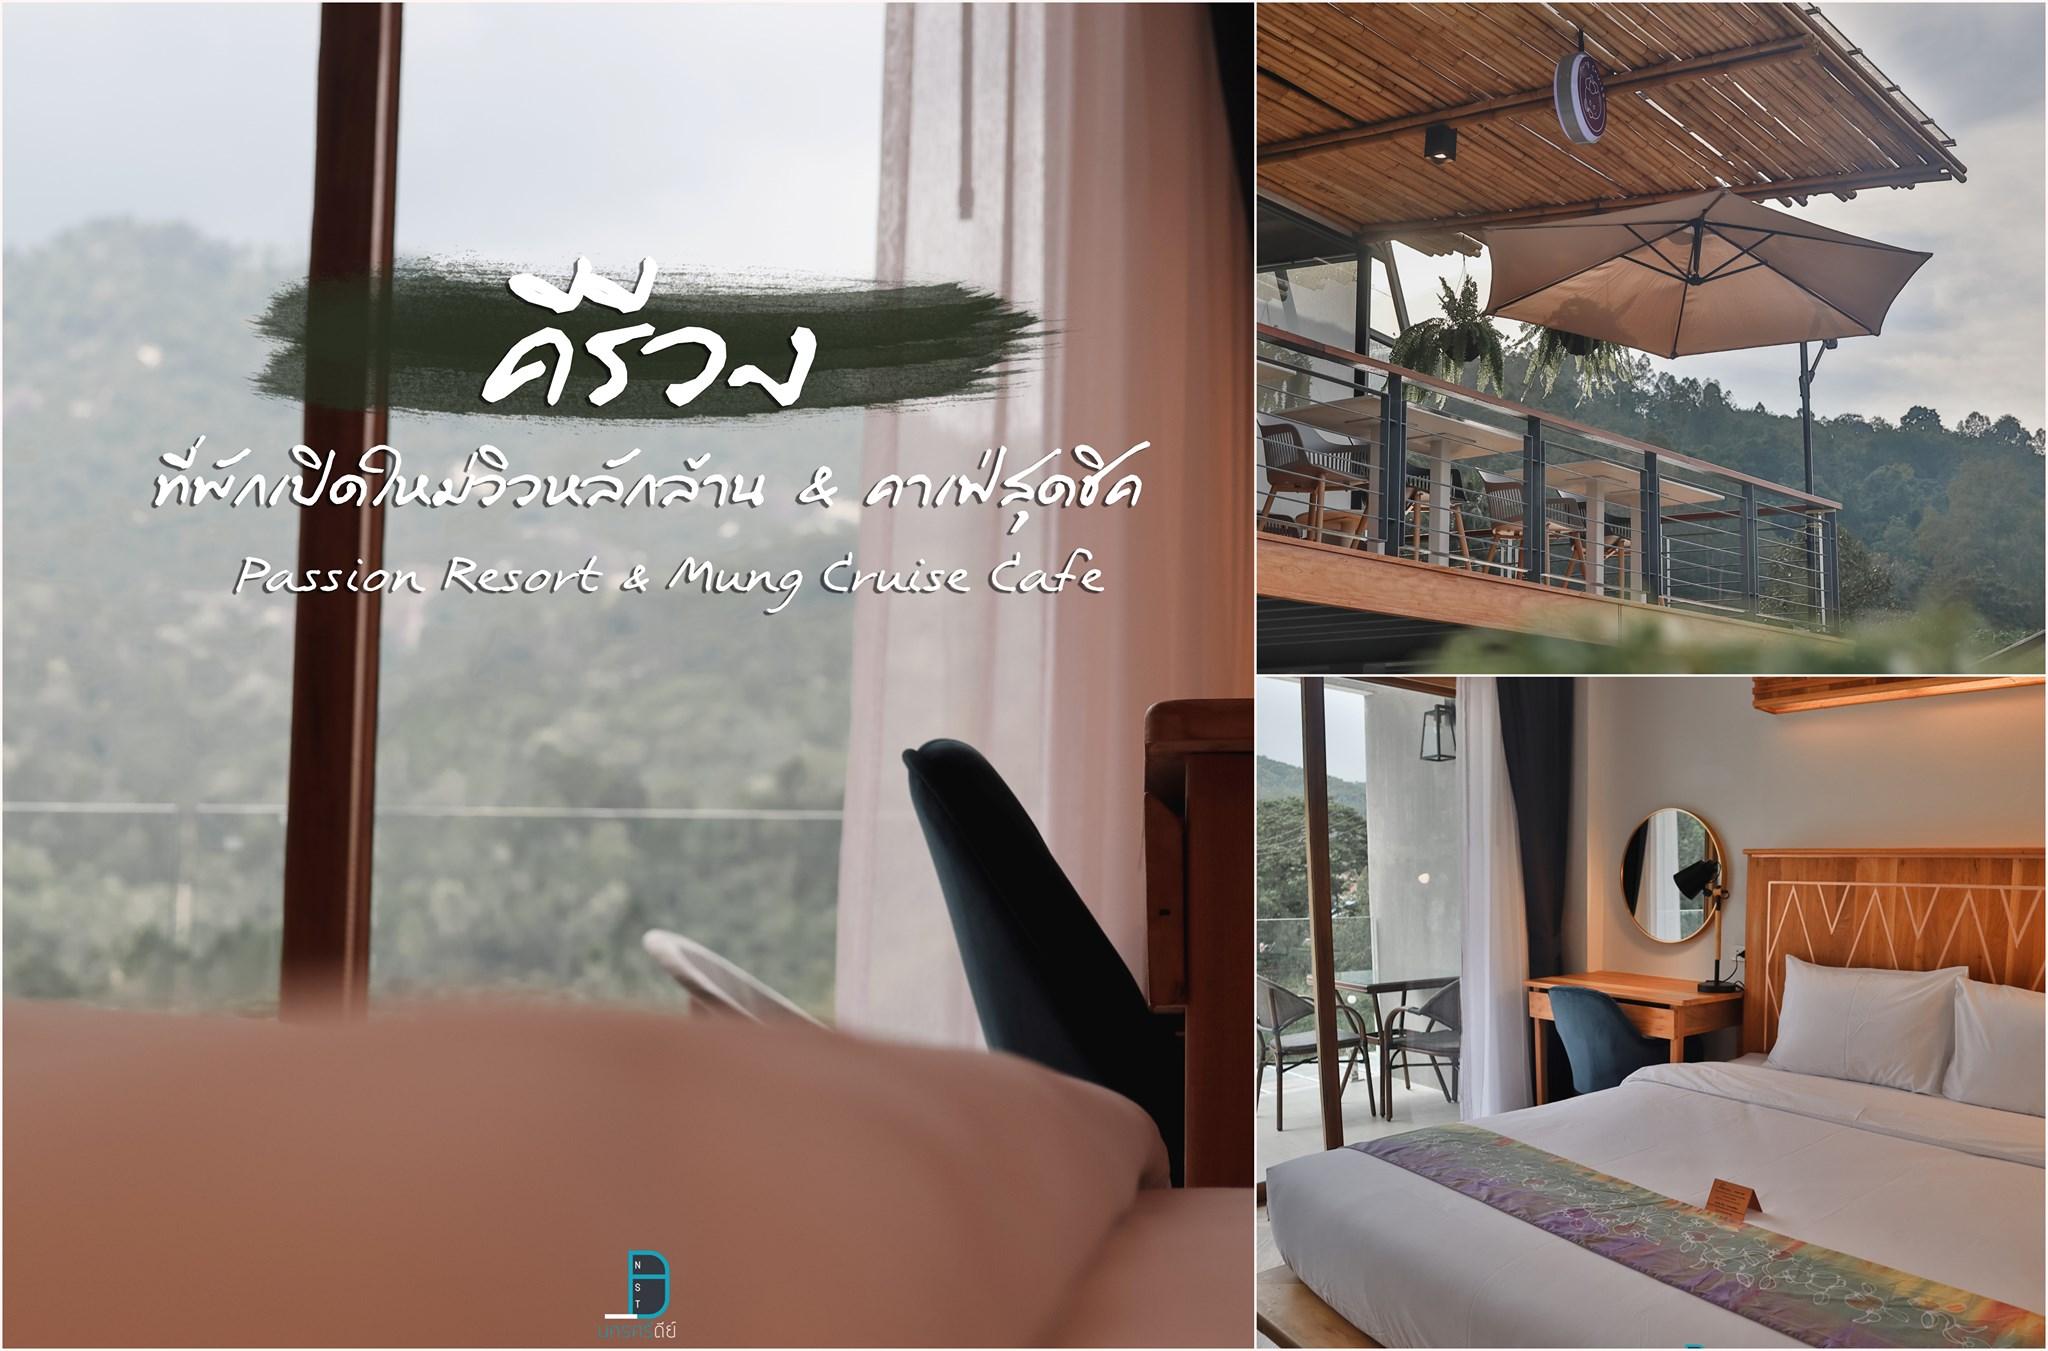 ที่พัก คีรีวง Passion Resort ที่พักสุดสวย สะดวก สบาย วิวภูเขา 360 องศา